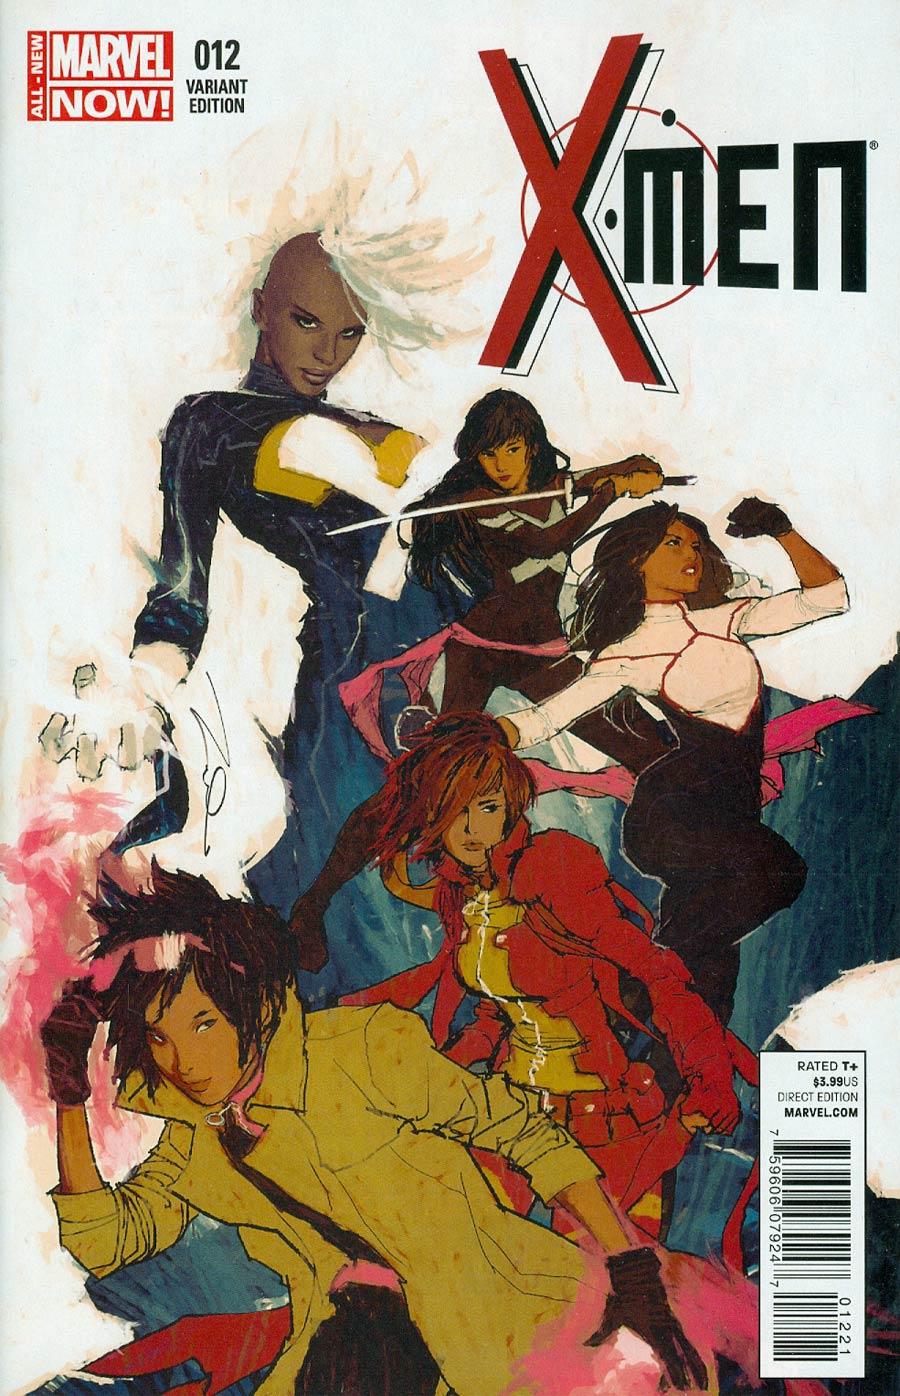 X-Men Vol 4 #12 Cover B Incentive Gerald Parel Variant Cover